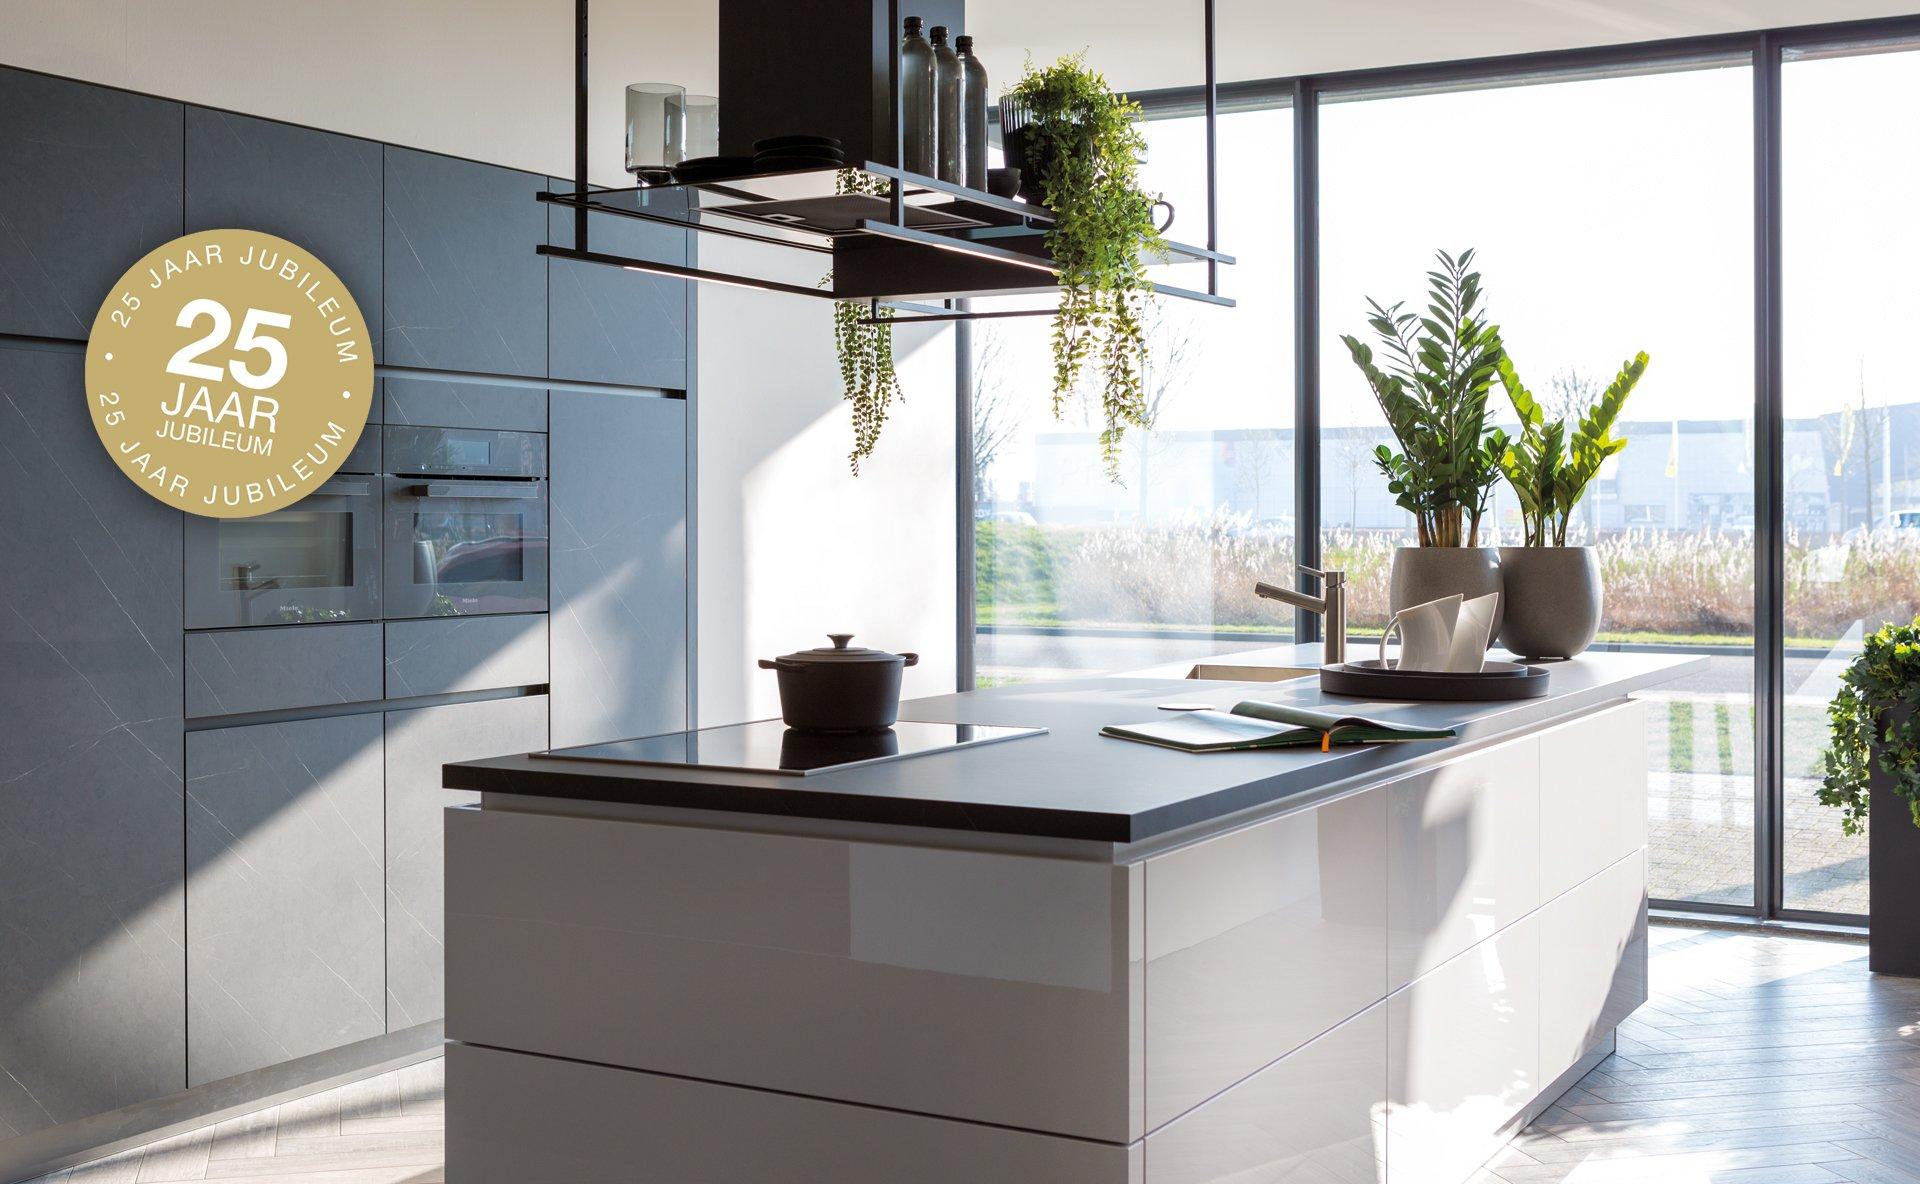 Eigenhuis Keukens Inspirerende Keukenwinkels In Midden Nederland